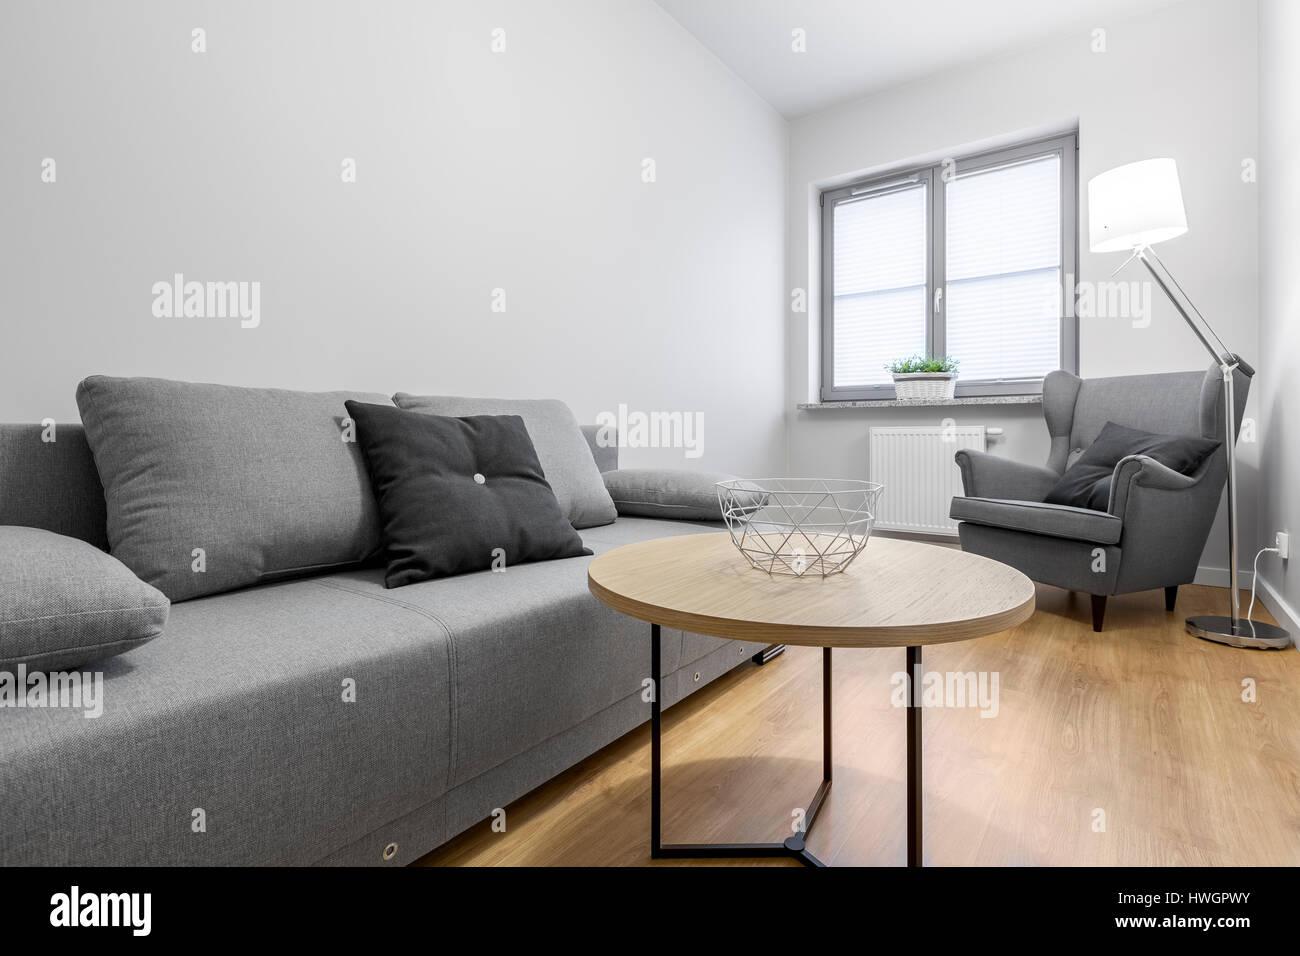 Kleines Wohnzimmer mit grauen Sofa, Sessel und Couchtisch ...